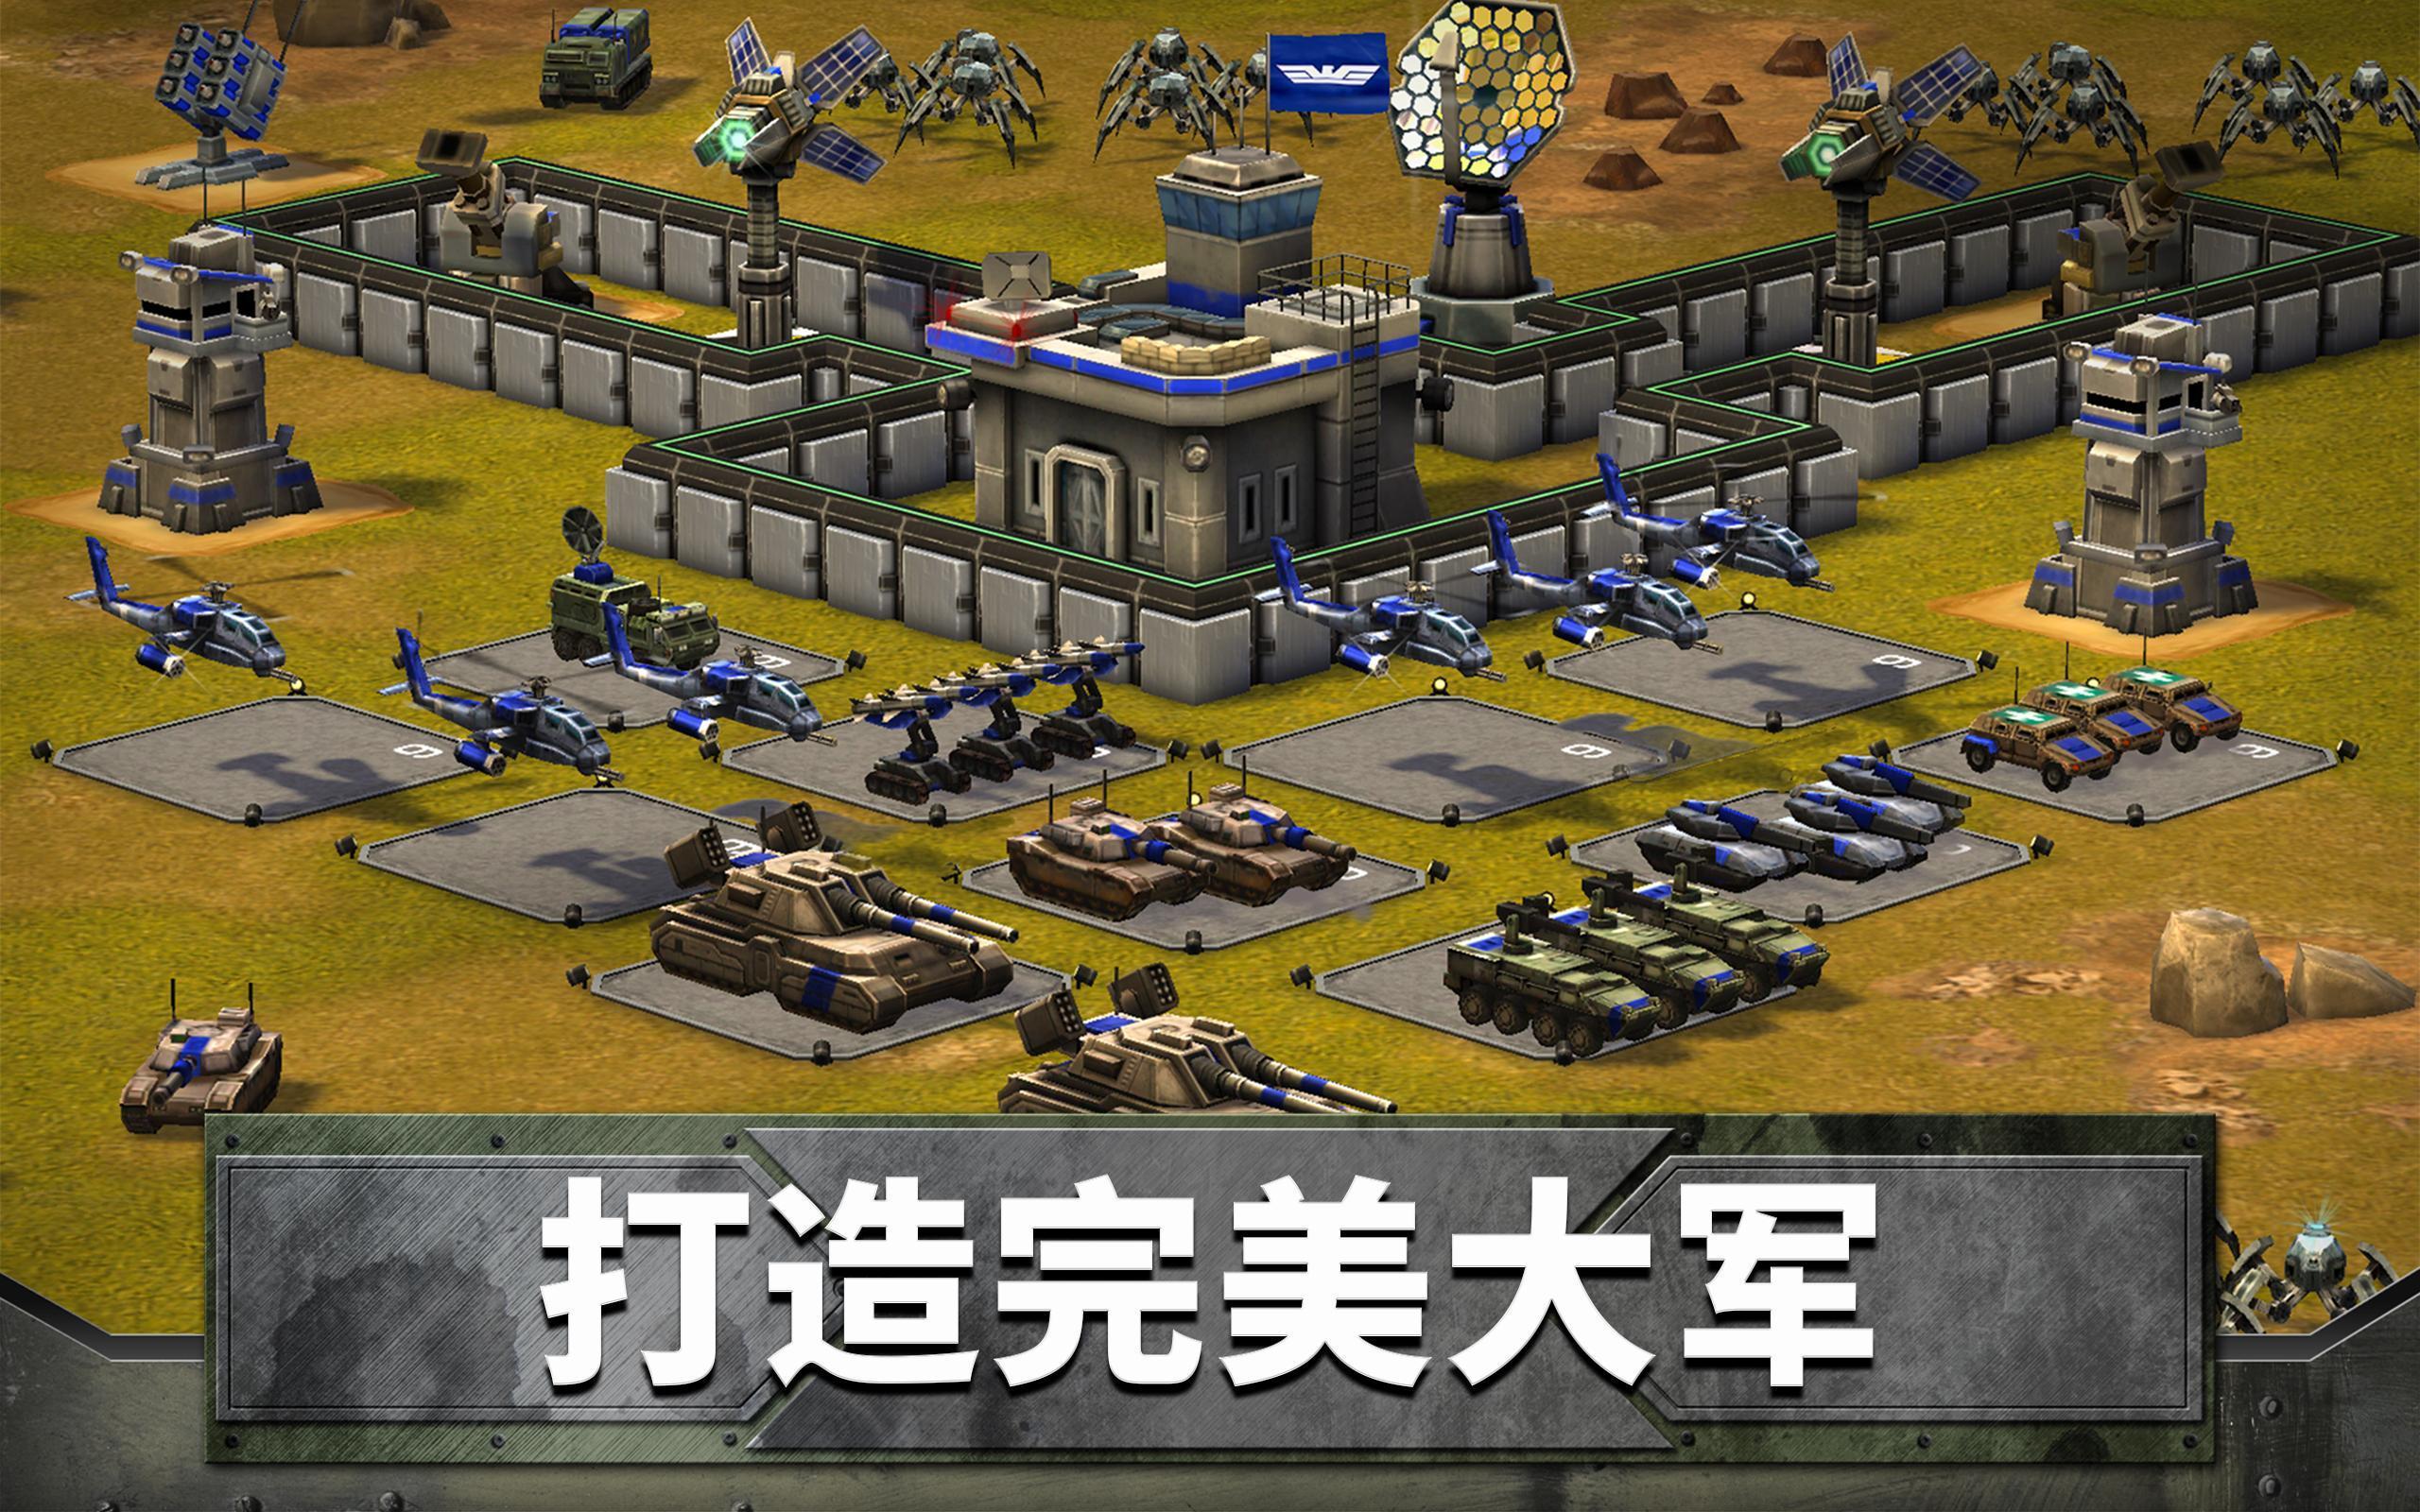 帝国与联盟(战争前线) v2.1.3 for Android安卓版 - 截图1